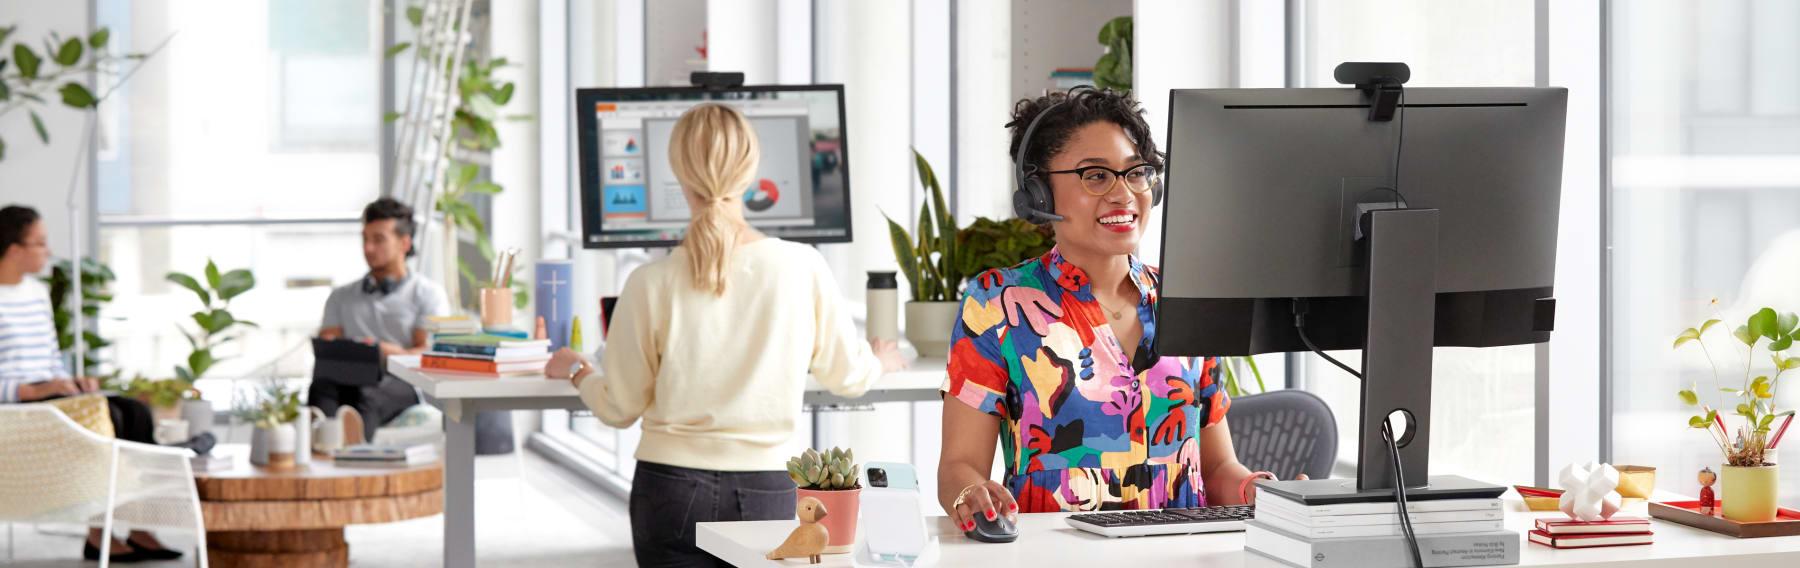 Vergadering in een open kantoor met Logitech-webcam en -headset